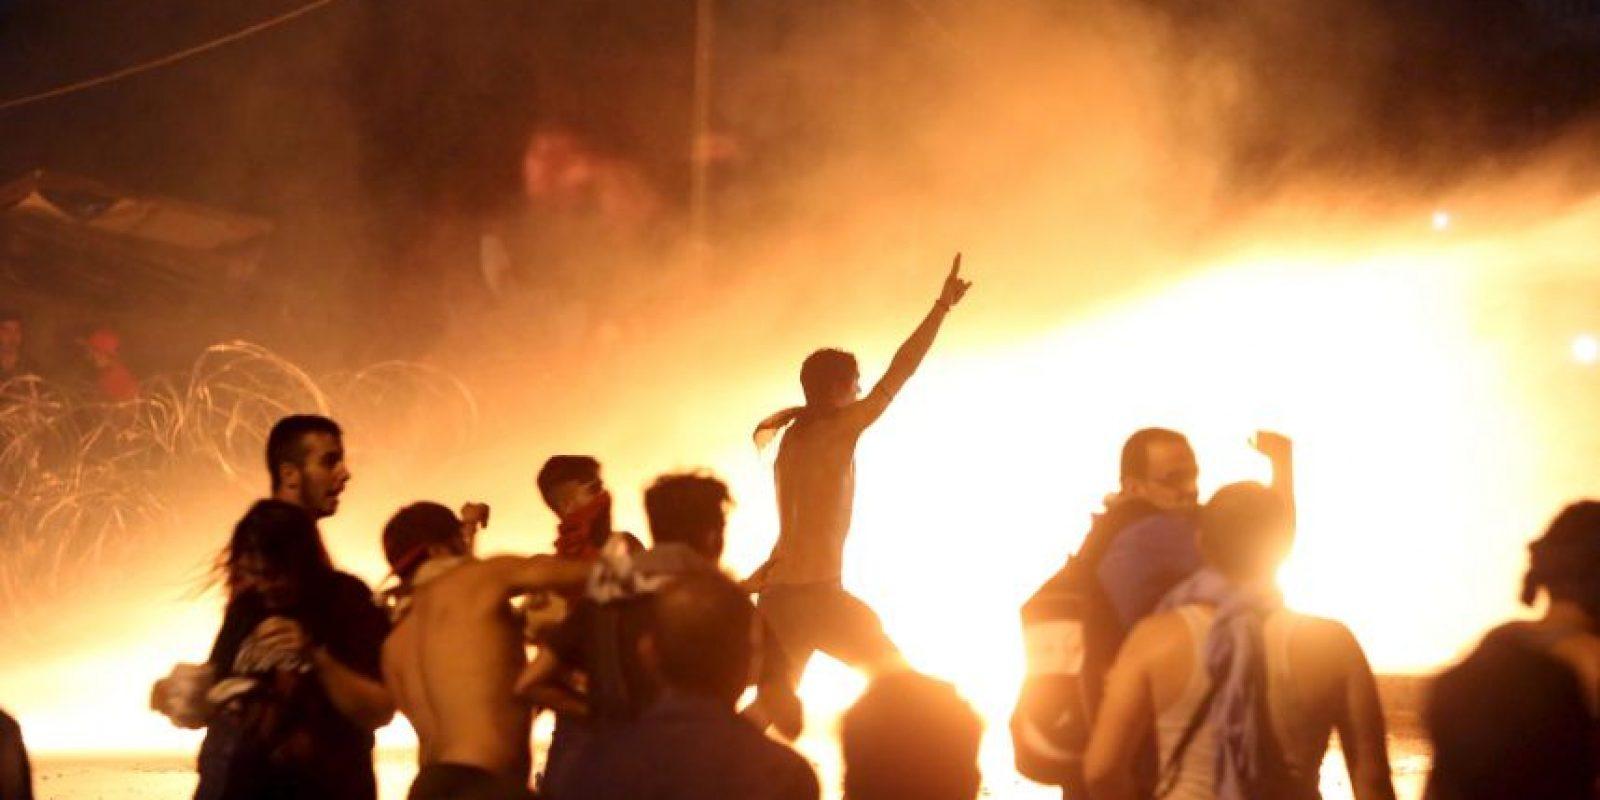 Los manifestantes respondieron a los ataques. Foto:AFP